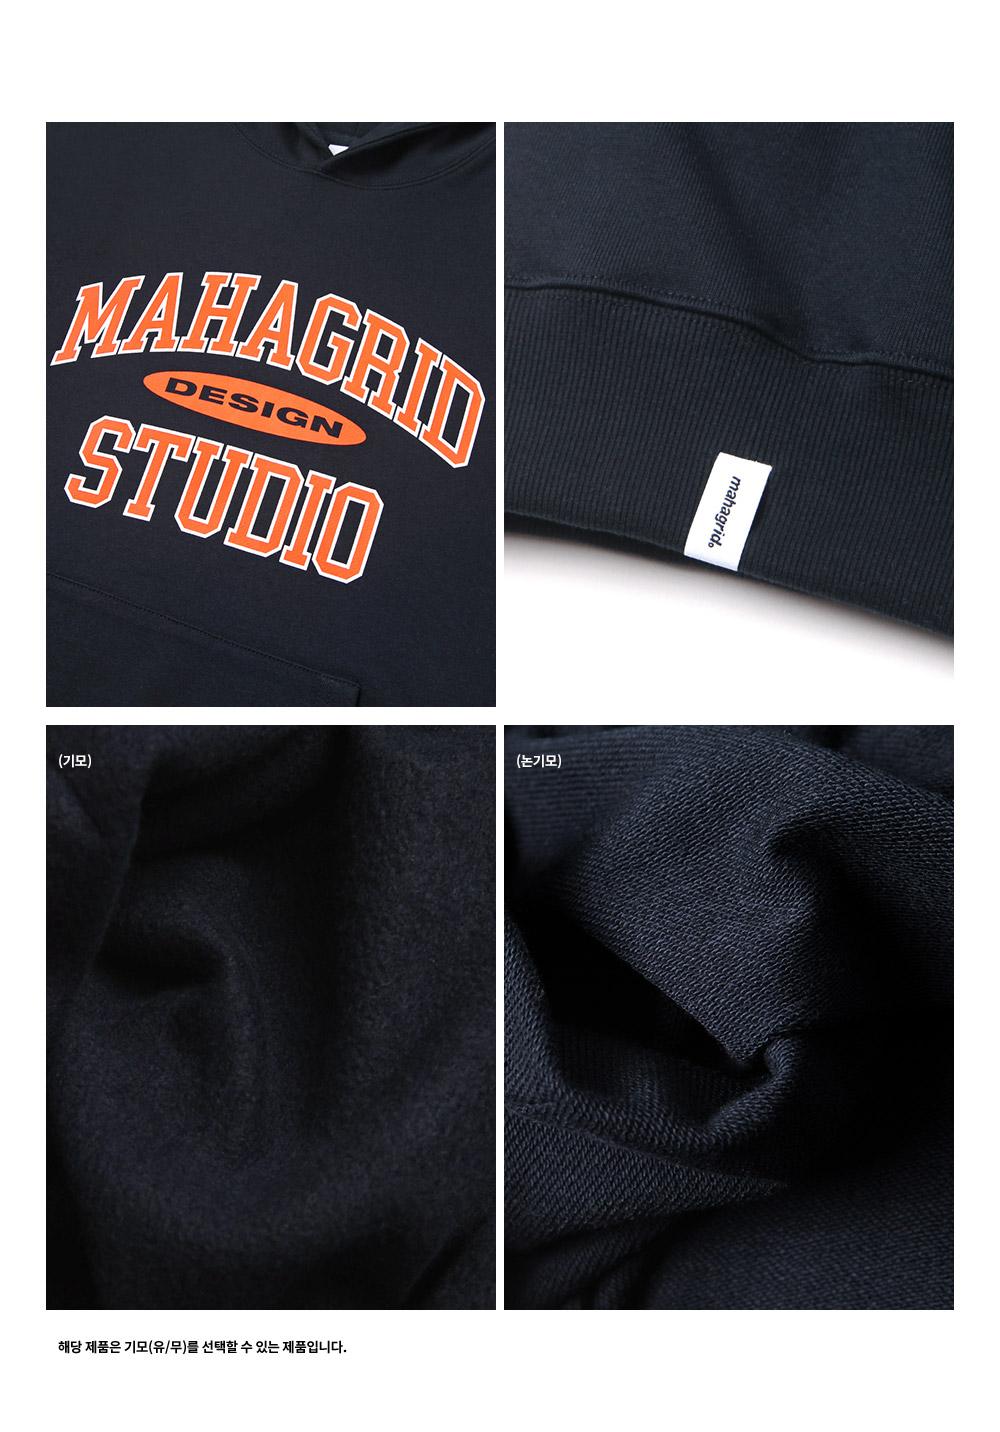 마하그리드(MAHAGRID) COLLEGE LOGO HOODIE NAVY(MG2BSMM401A)